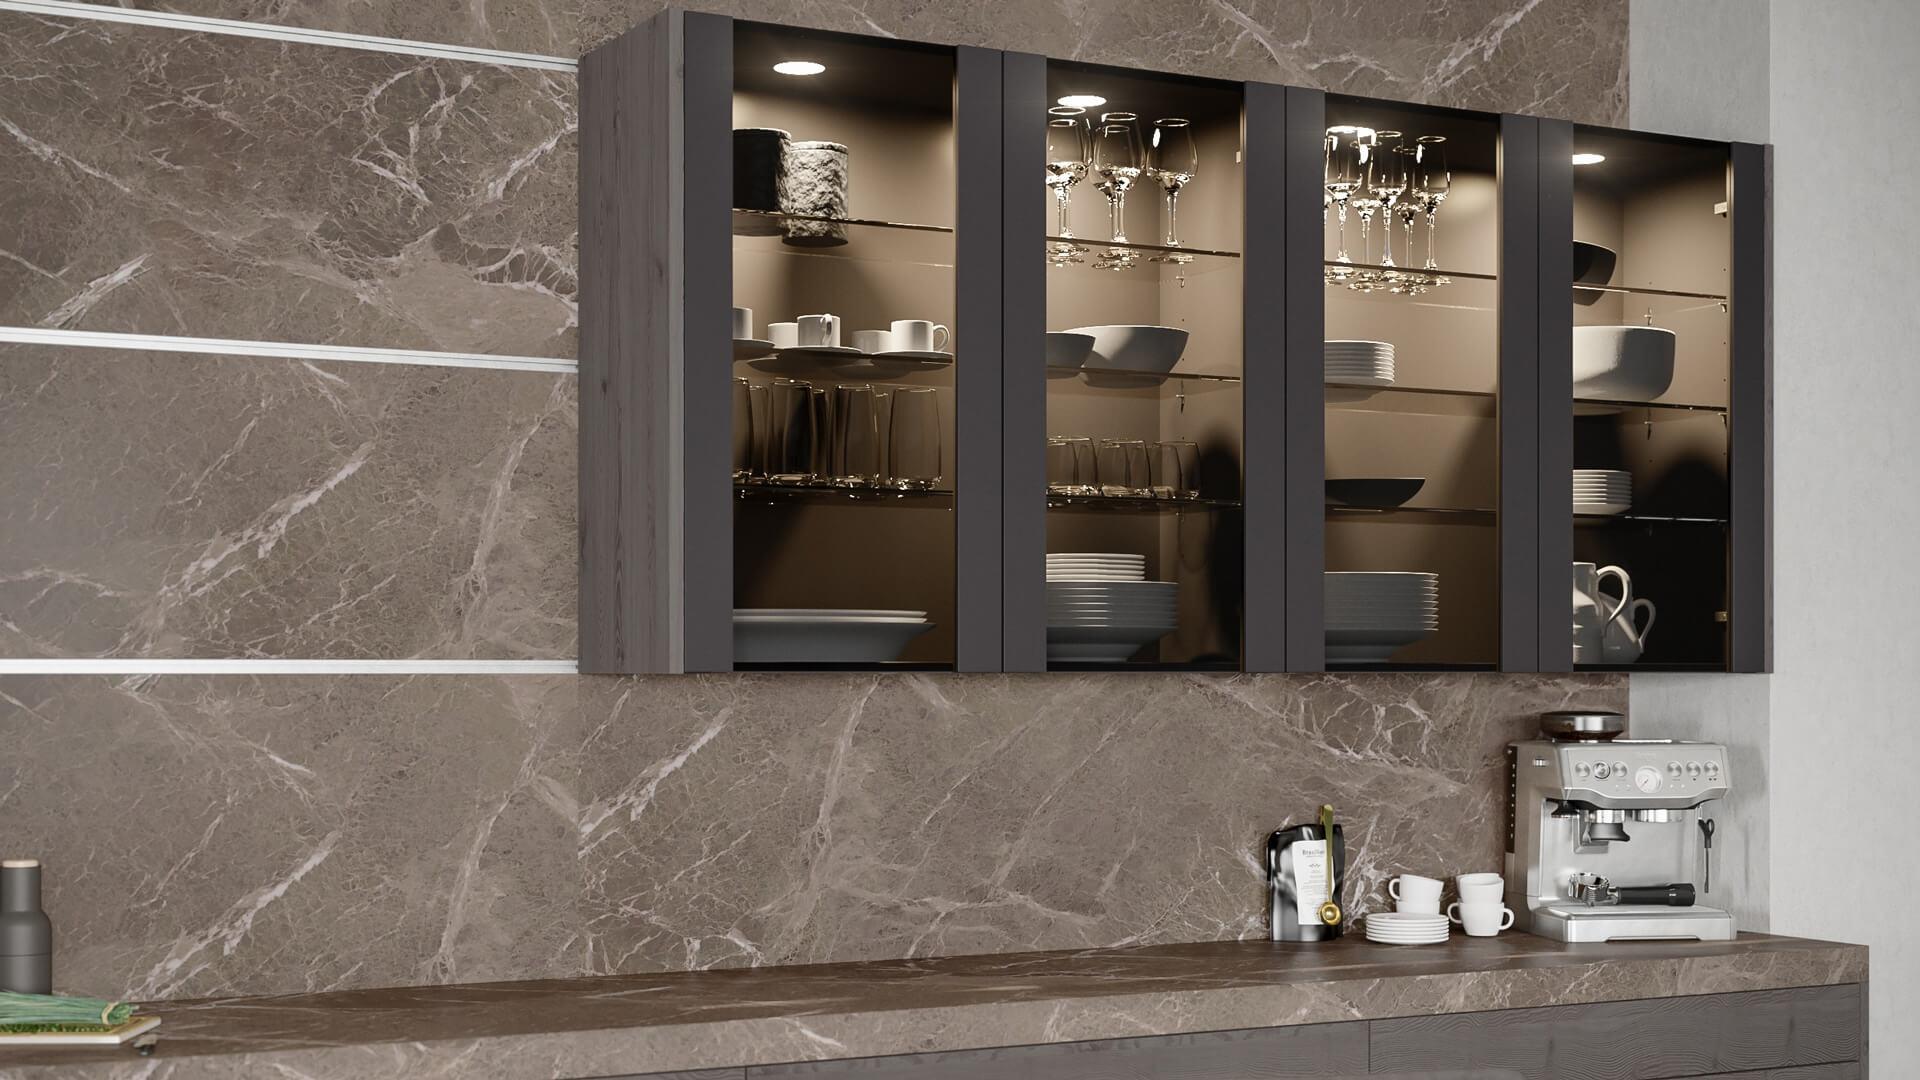 Küchenrückwand in Steinoptik mit flexieblem Schienensystem.